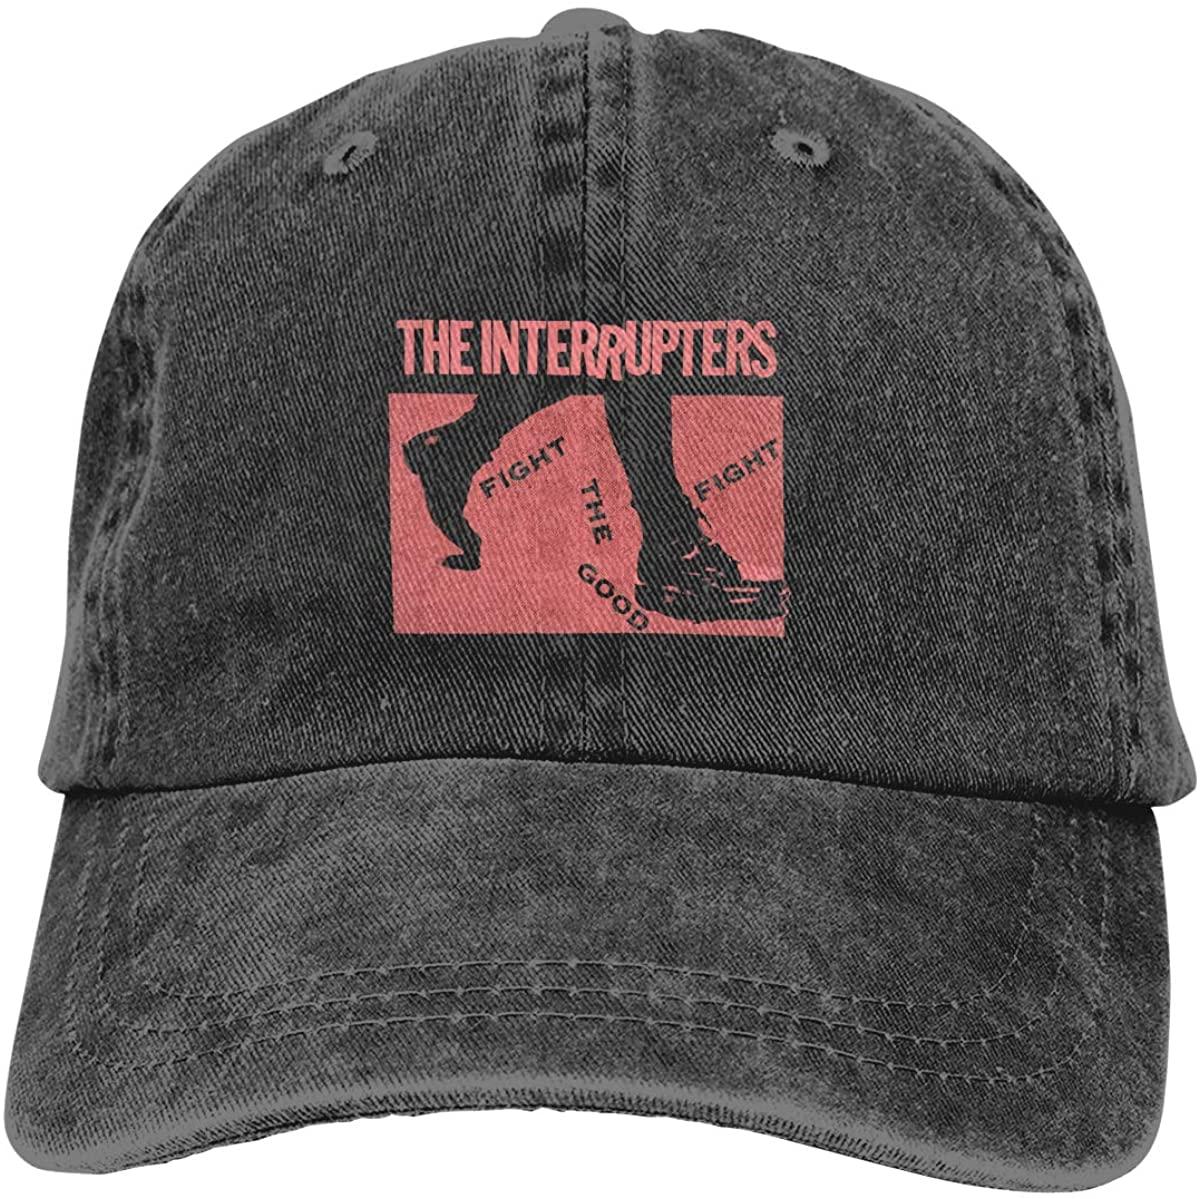 Kbk The Interrupters Adjustable Unisex Hat Baseball Caps Black